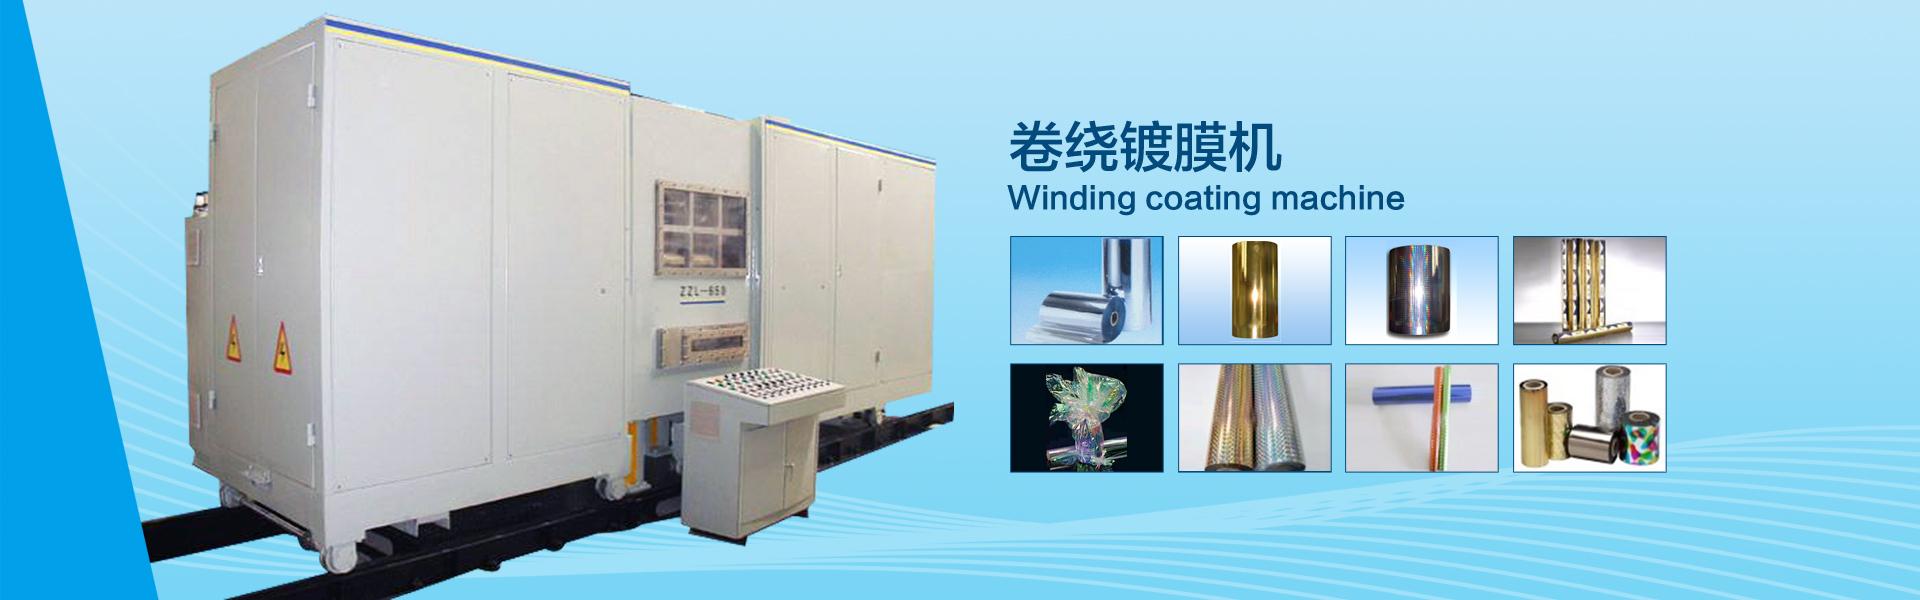 卷绕镀膜机主要用于装饰。